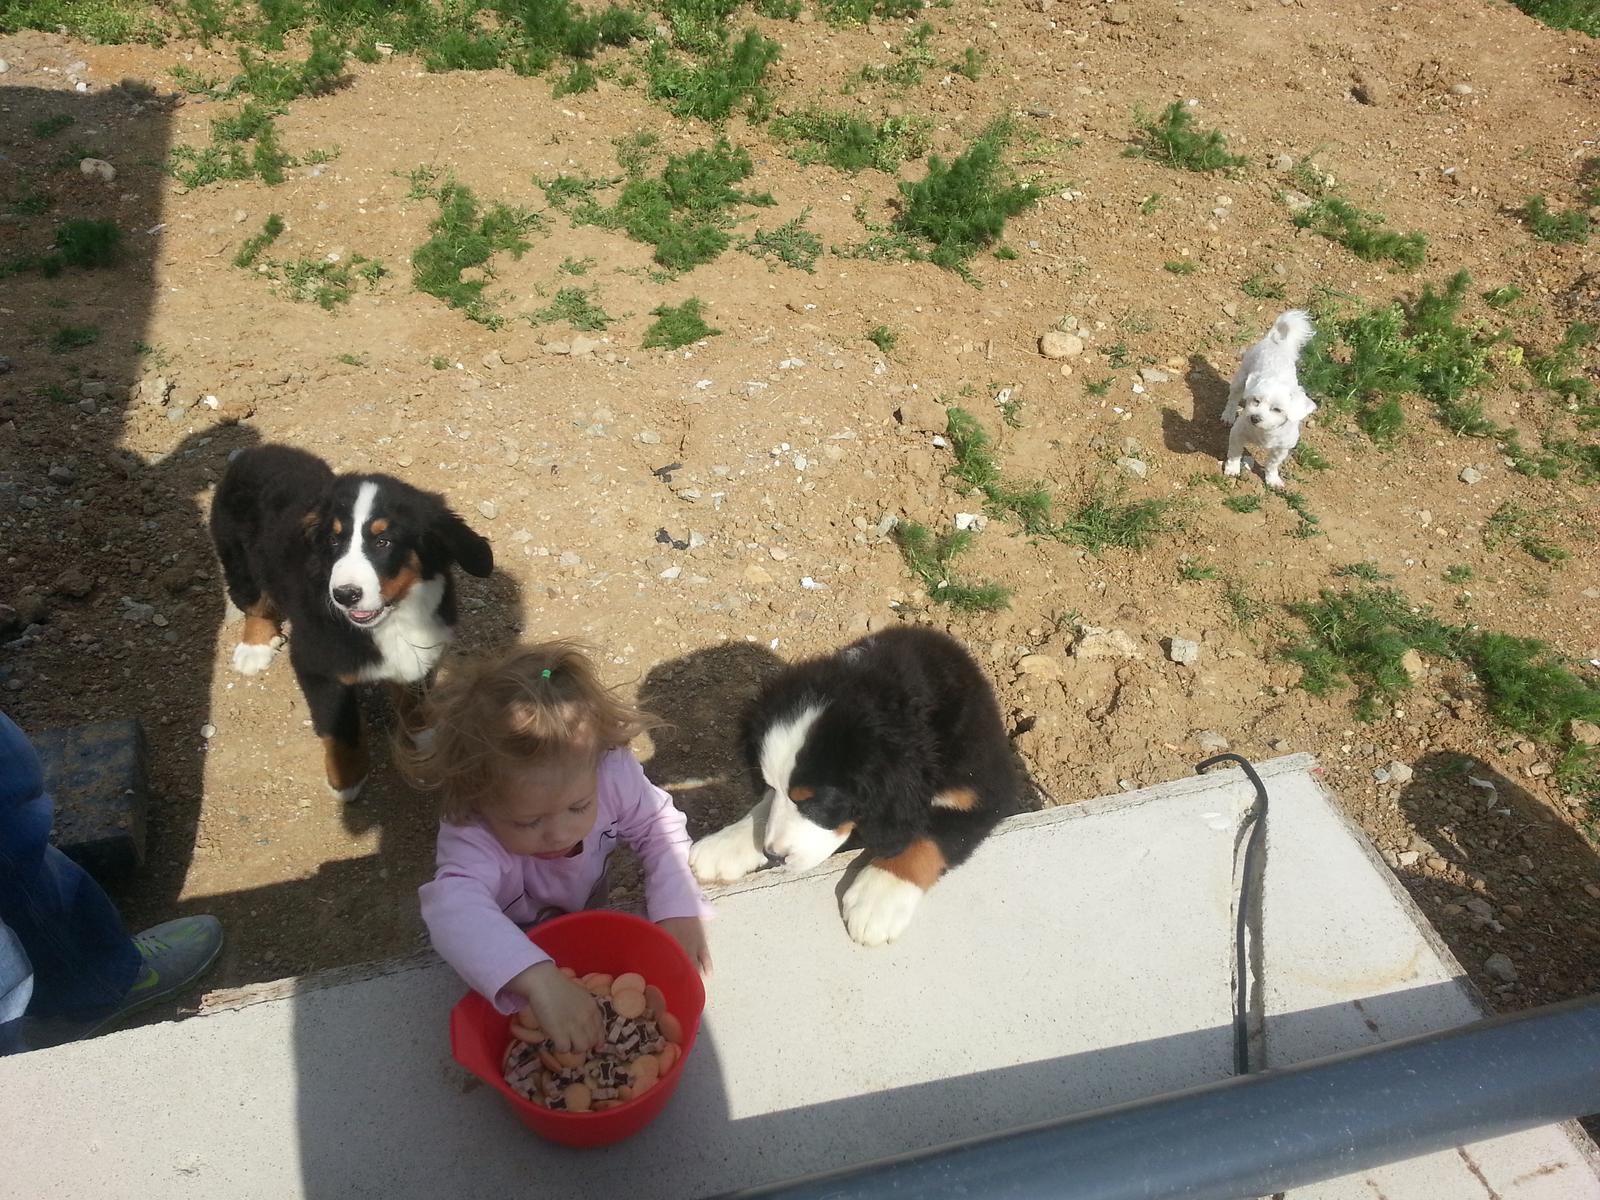 Nas zverinec - dve fenky,jeden pes a dvaja kocurikovia - Obrázok č. 11